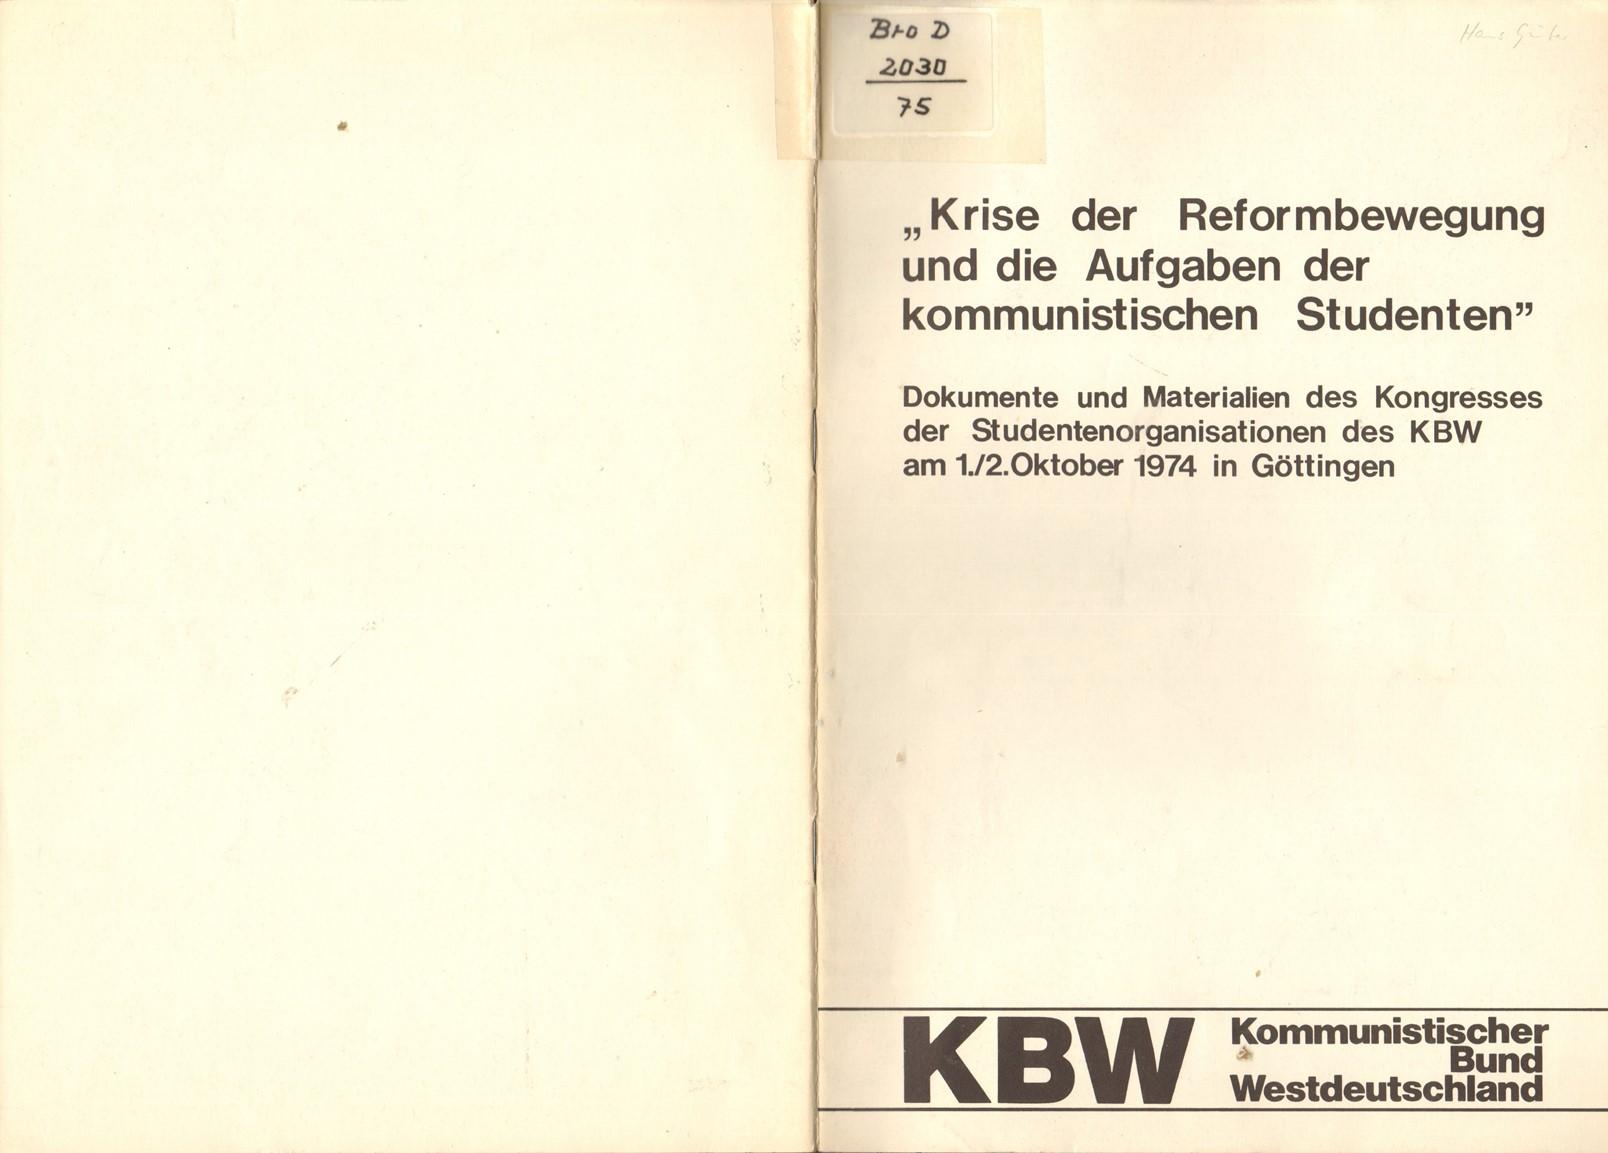 KBW_1974_Aufgaben_der_kommunistischen_Studenten_01